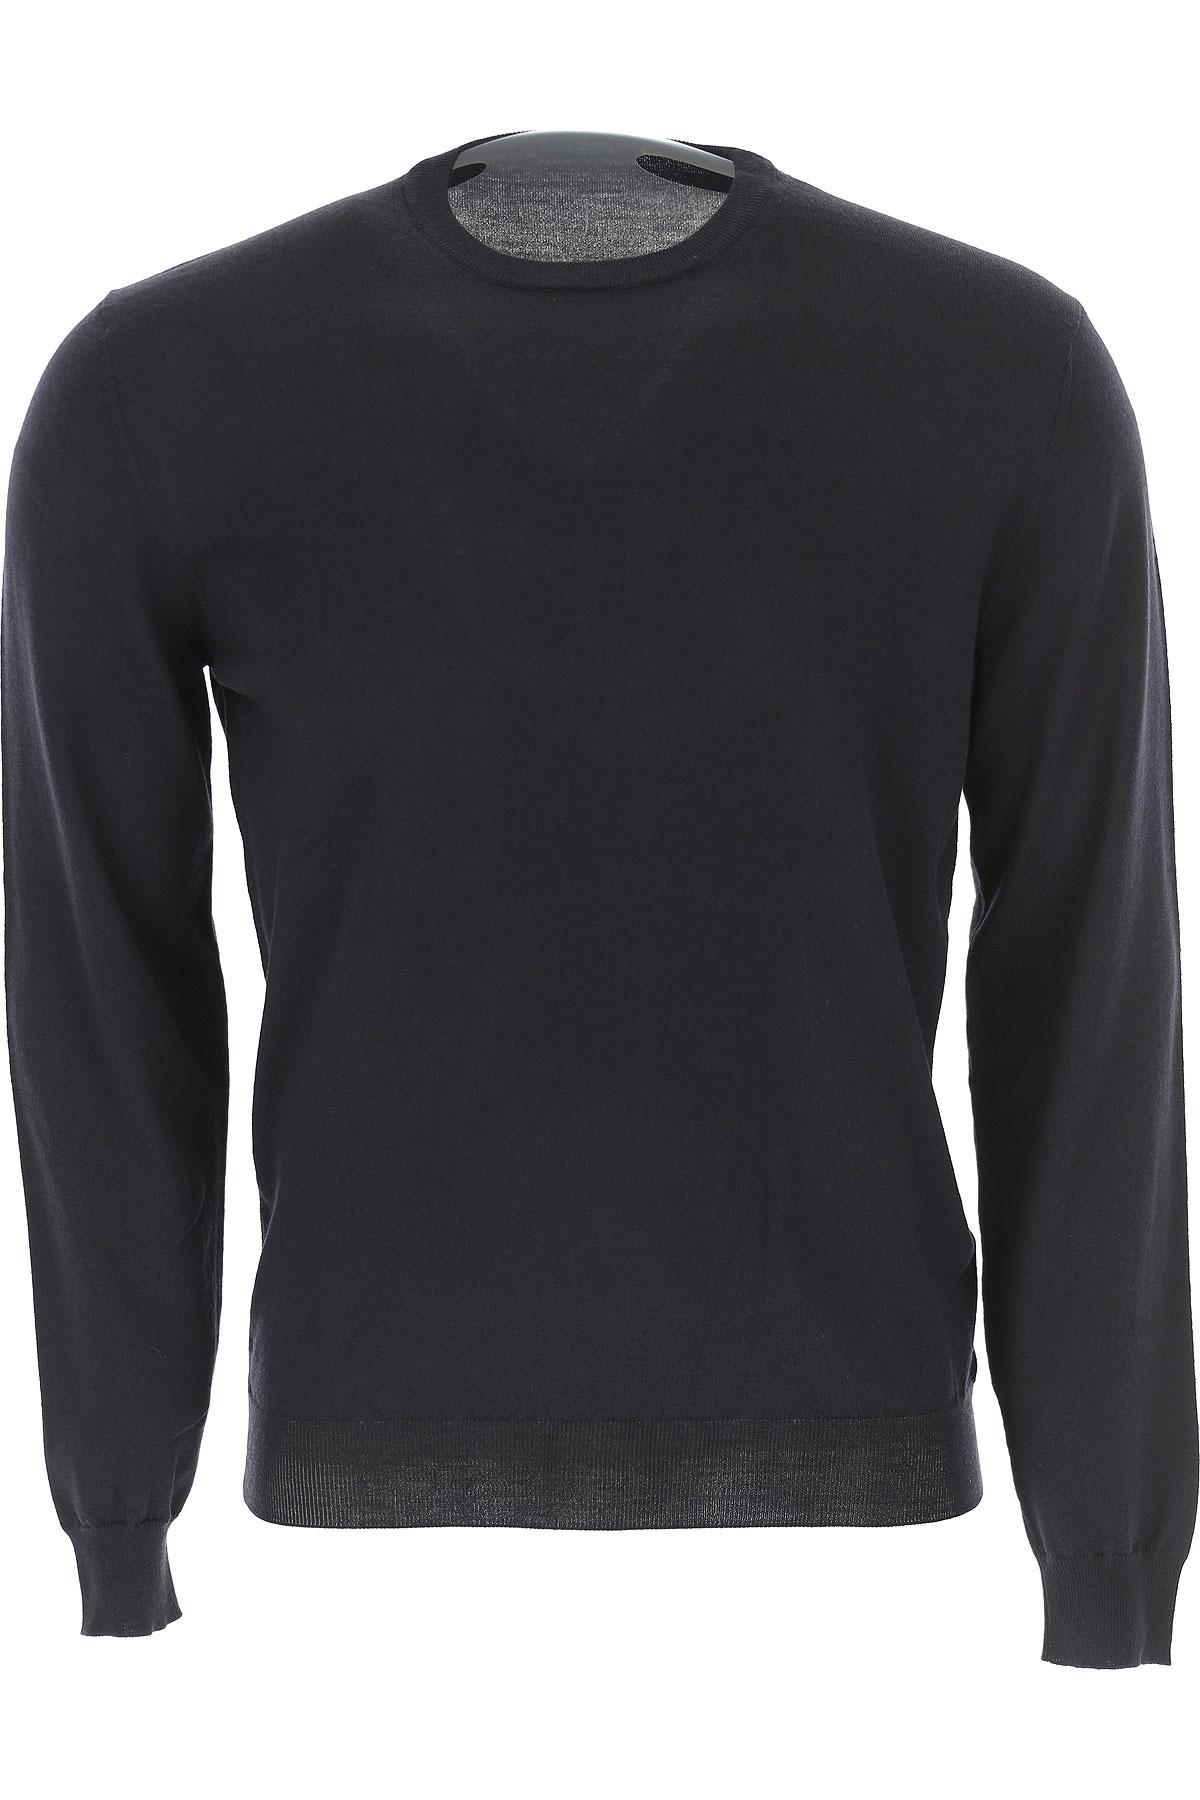 Image of Zanone Sweater for Men Jumper, Black, Wool, 2017, L M XL XXL XXXL